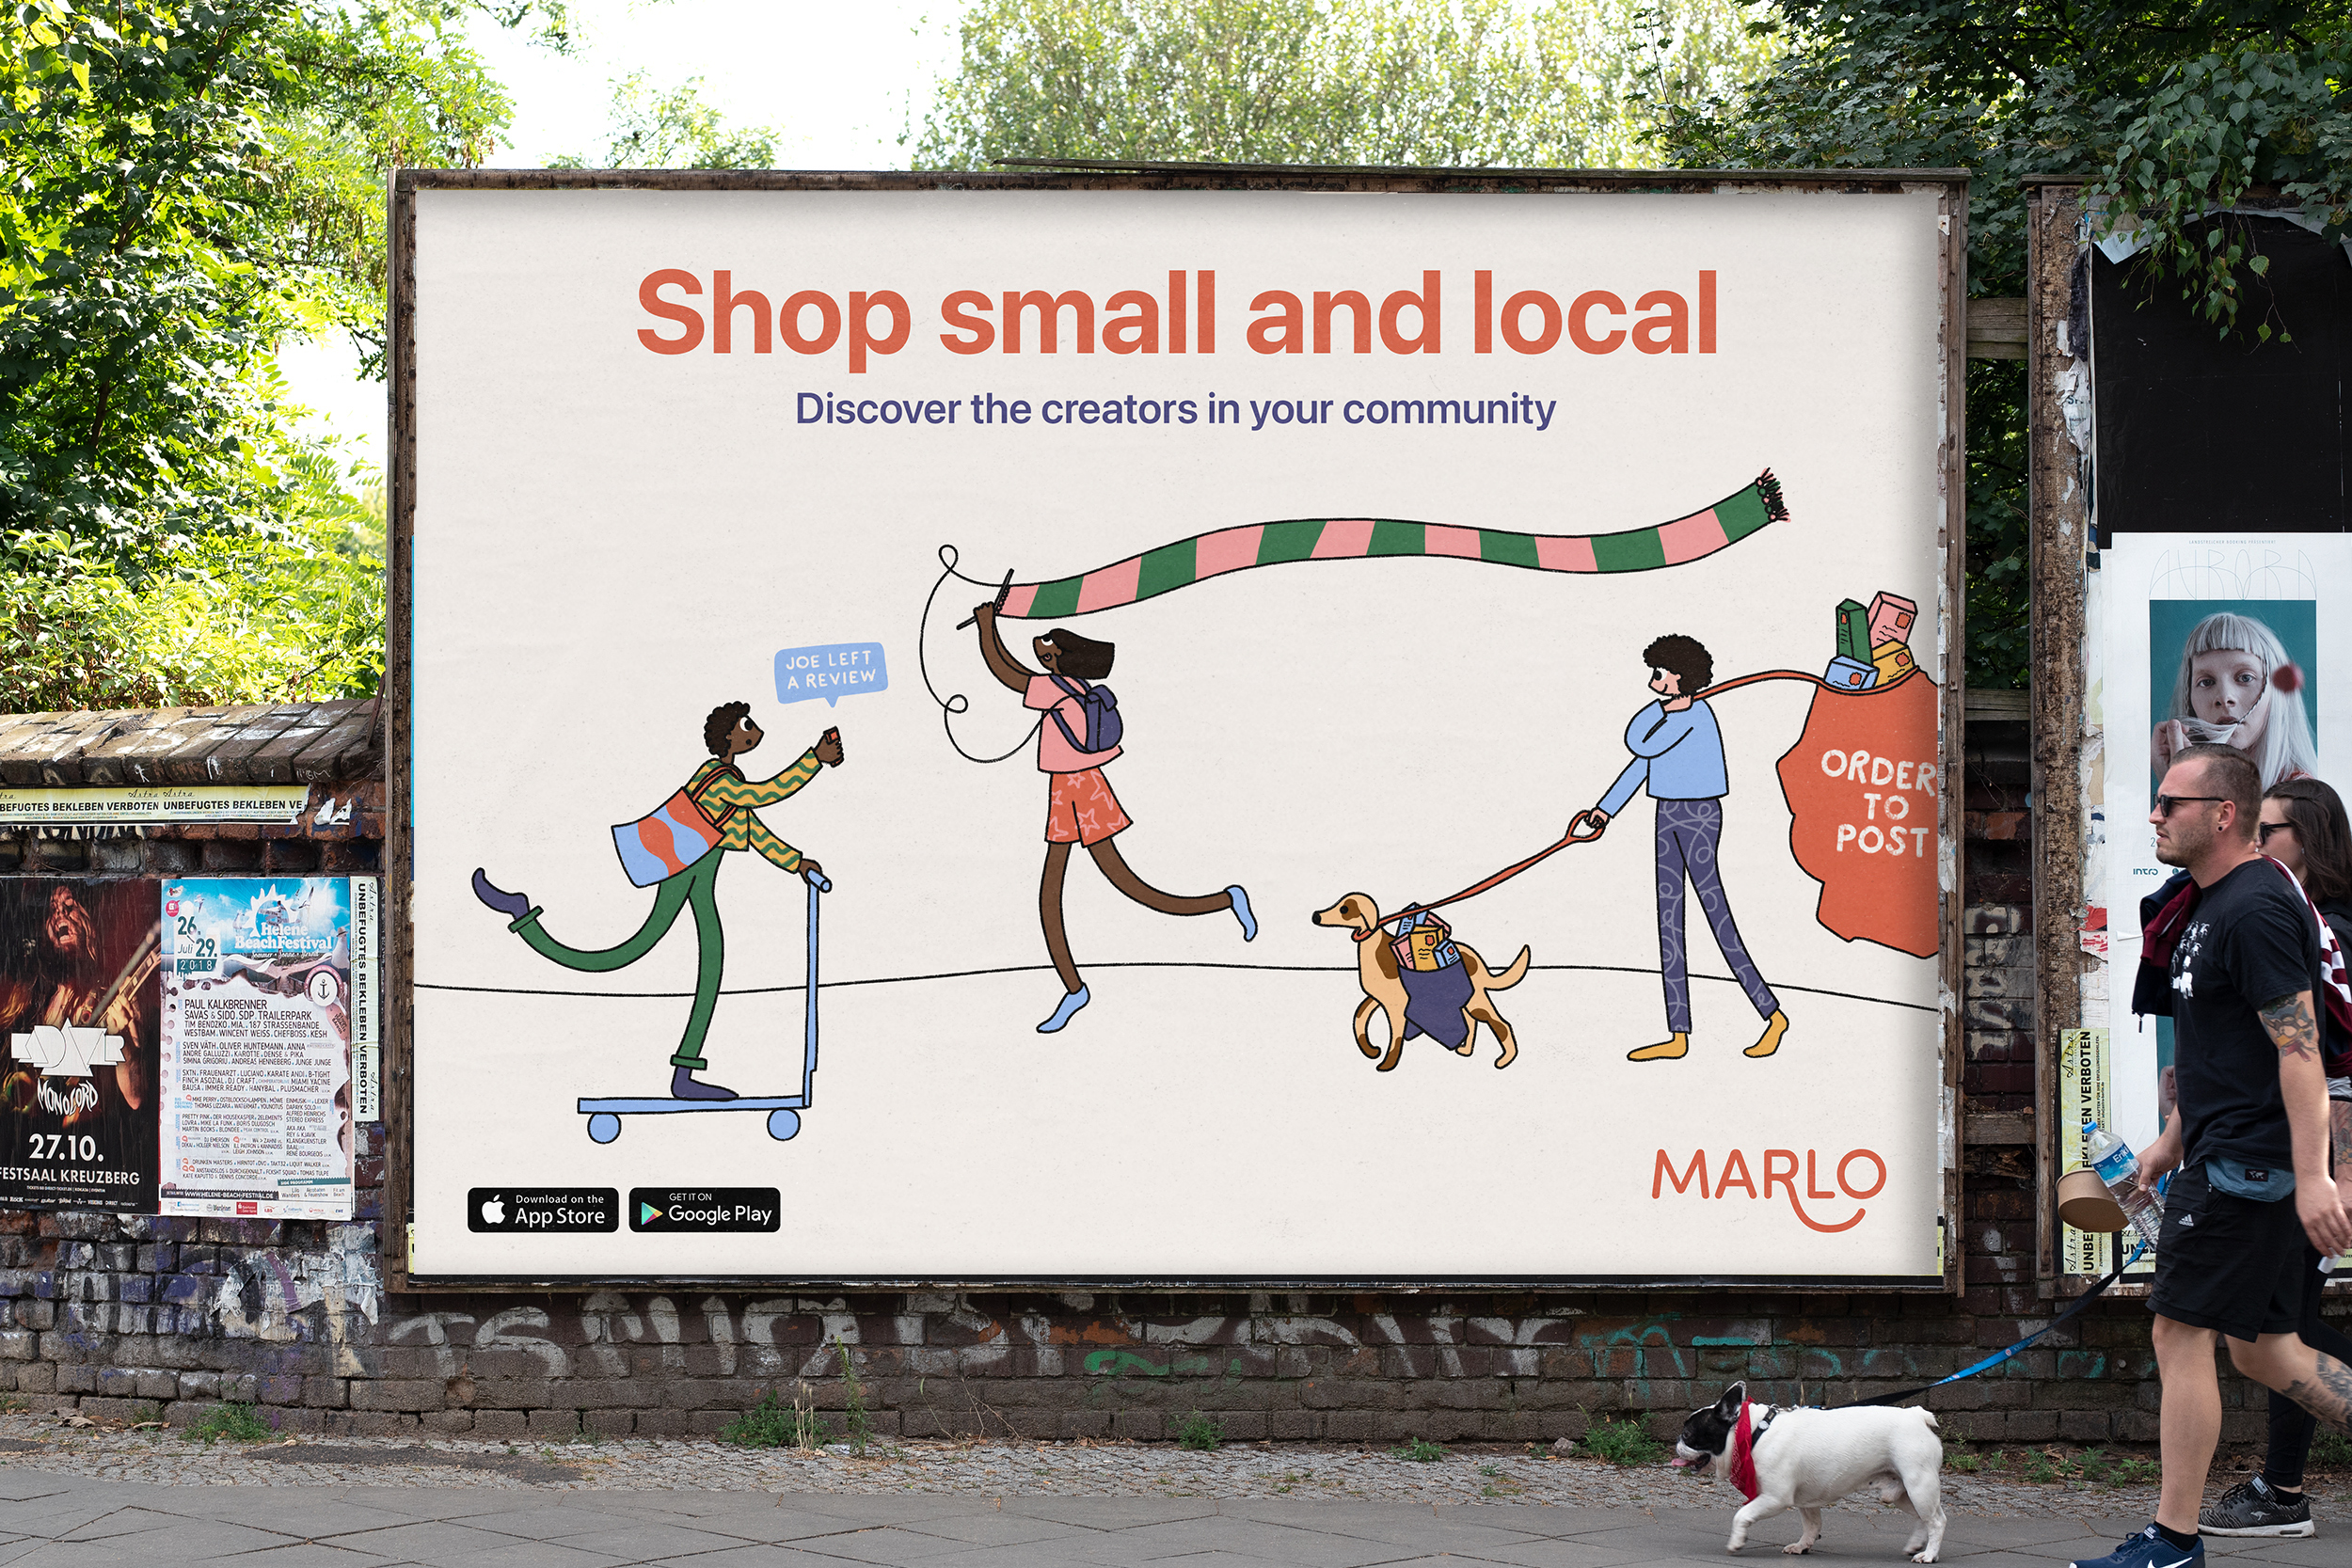 Marlo billboard